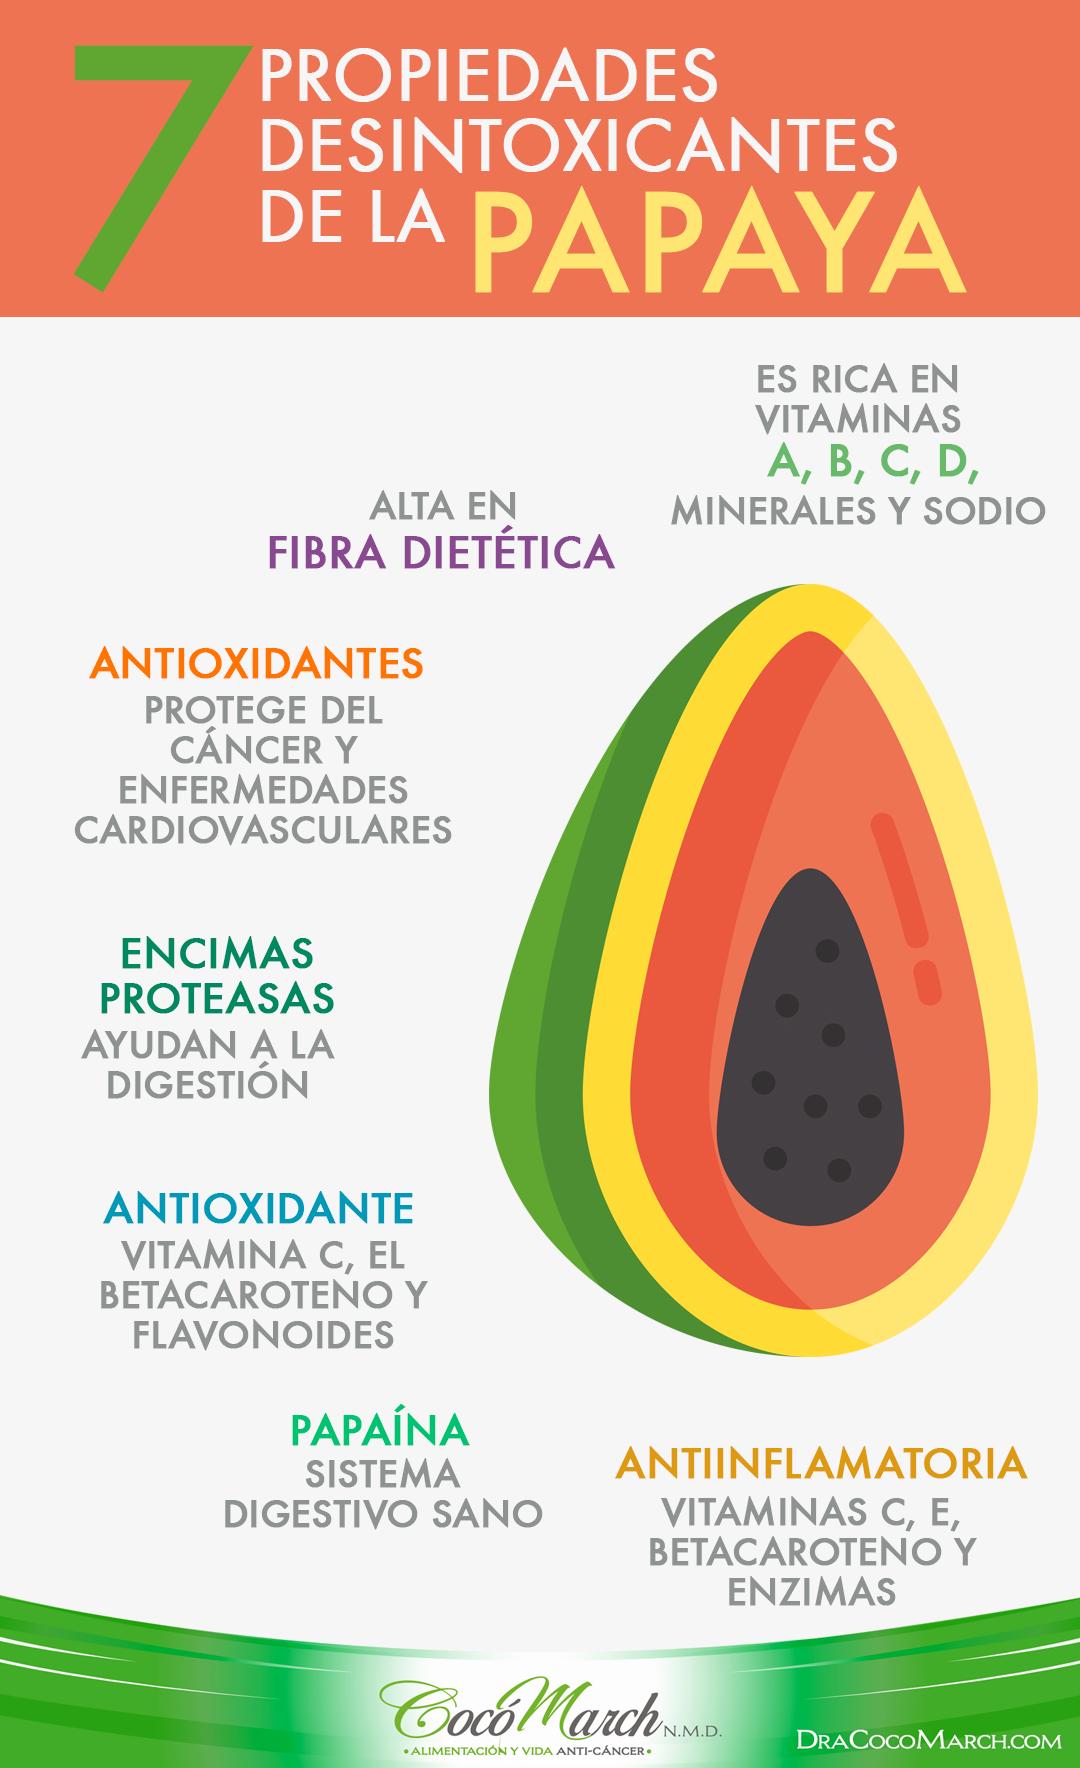 propiedades desintoxicantes-de-la-papaya